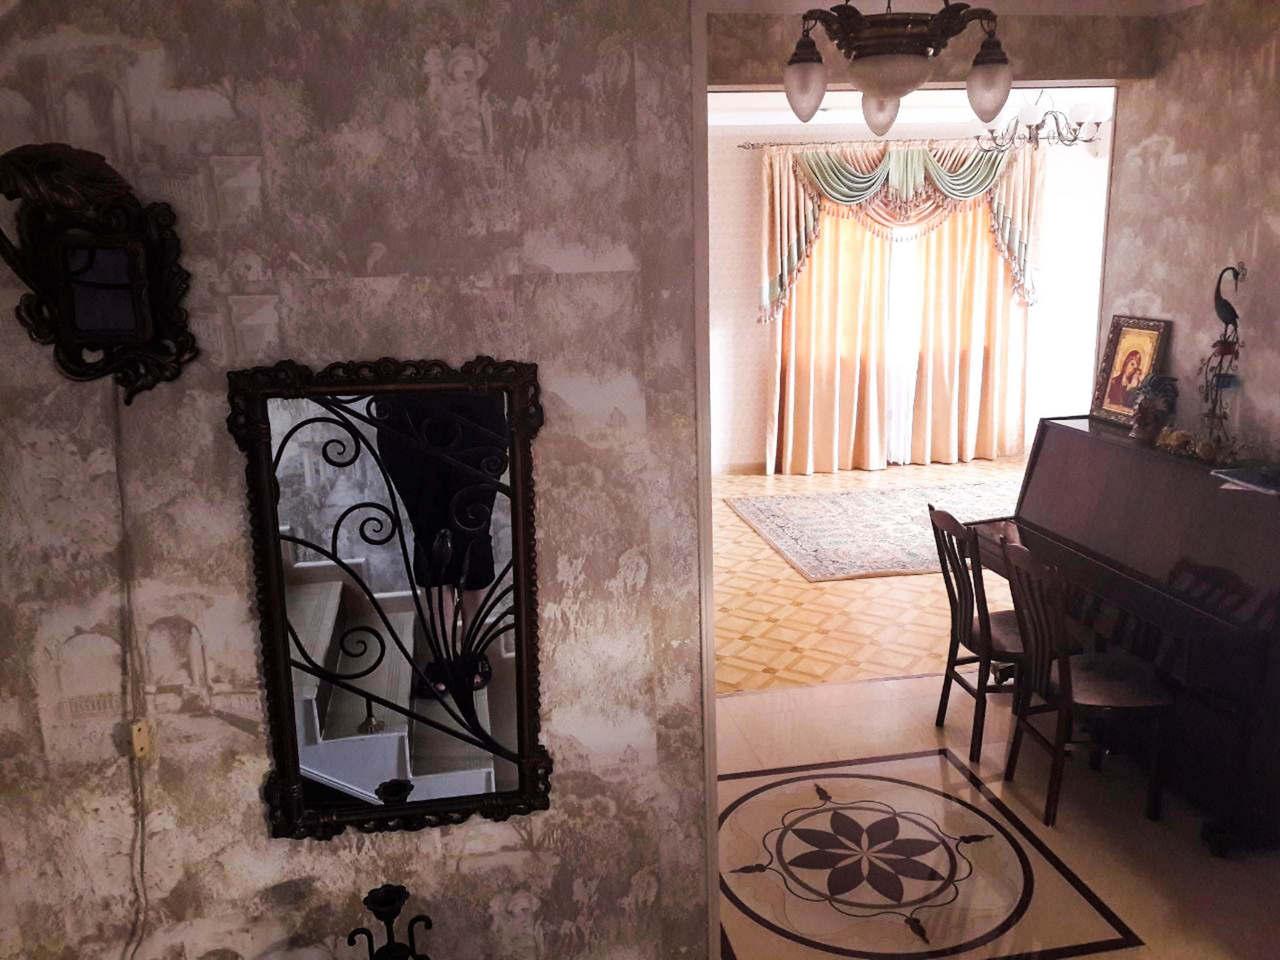 Гостевой дом вблизи Олимпийского парка - image 3309342558-2-4 on http://bizneskvartal.ru